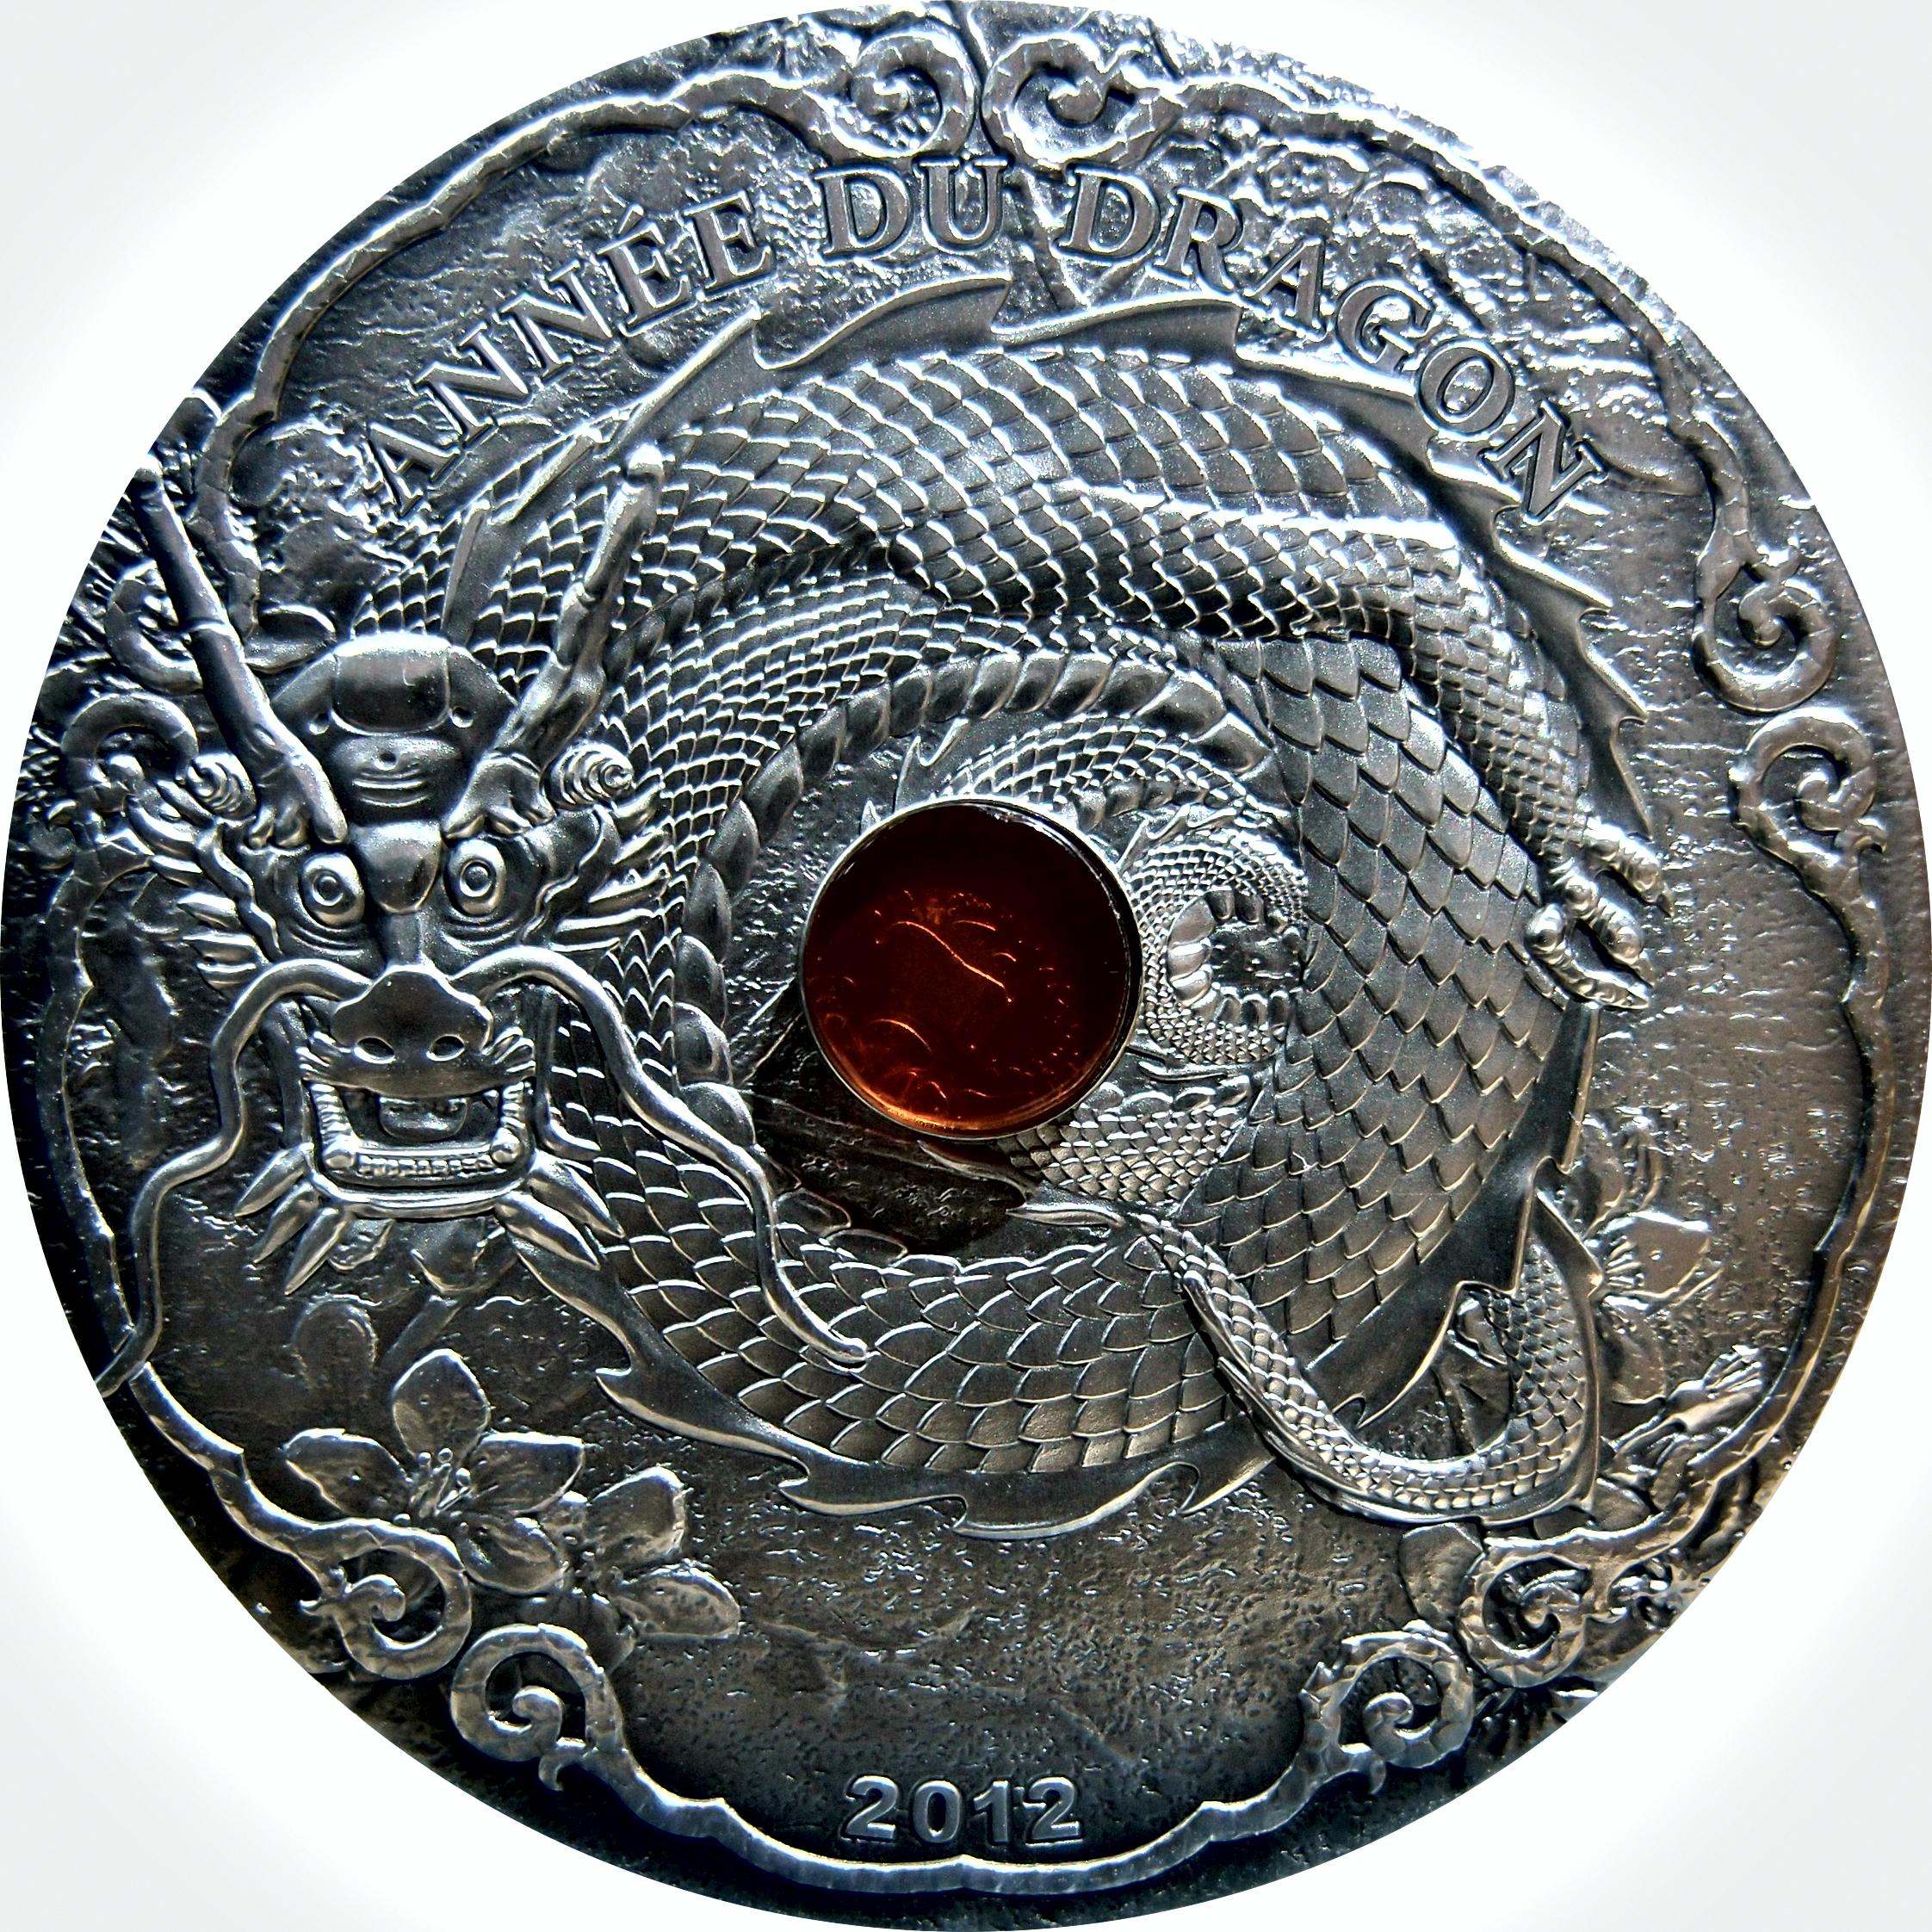 Togo. 1500 Francos CFA . 2 Onzas. 2012 Año del Dragón. 9636570434_420679e250_o